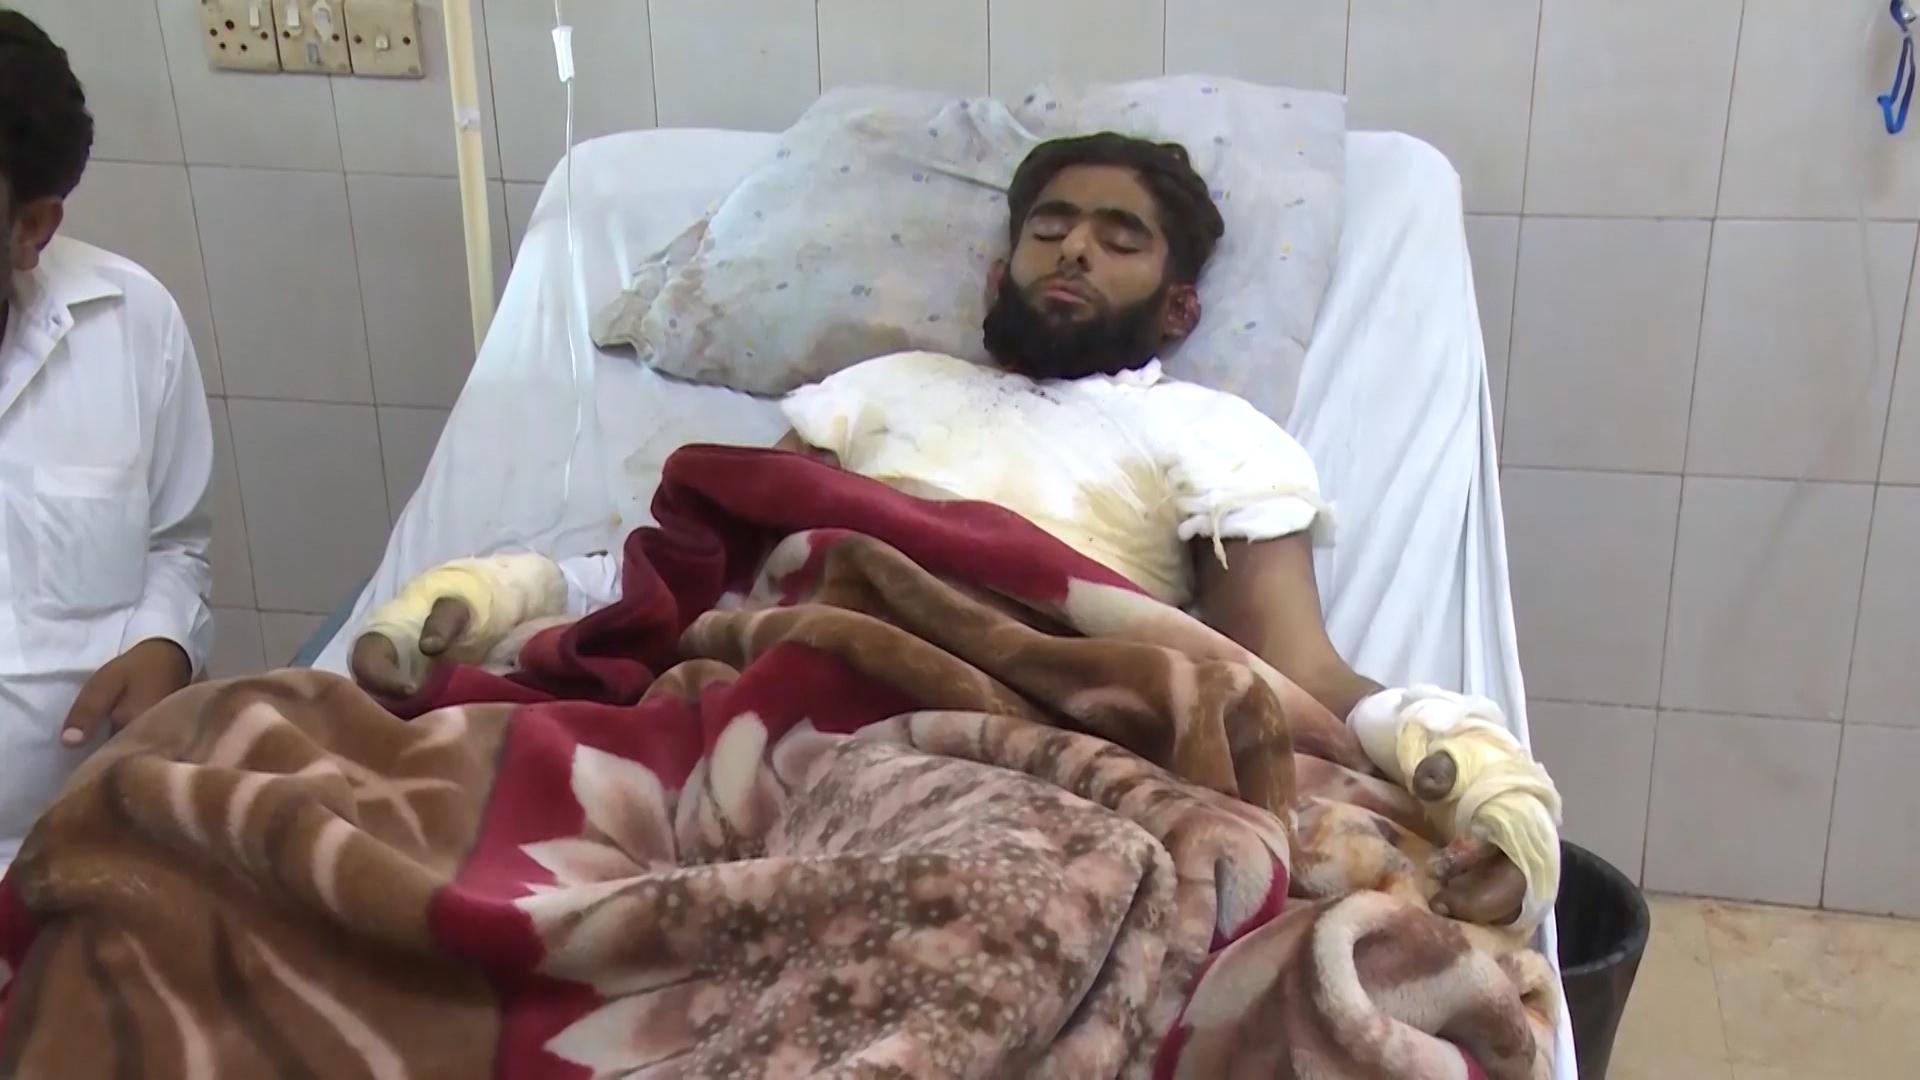 Student burnt alive 44 days ago dies in Karachi